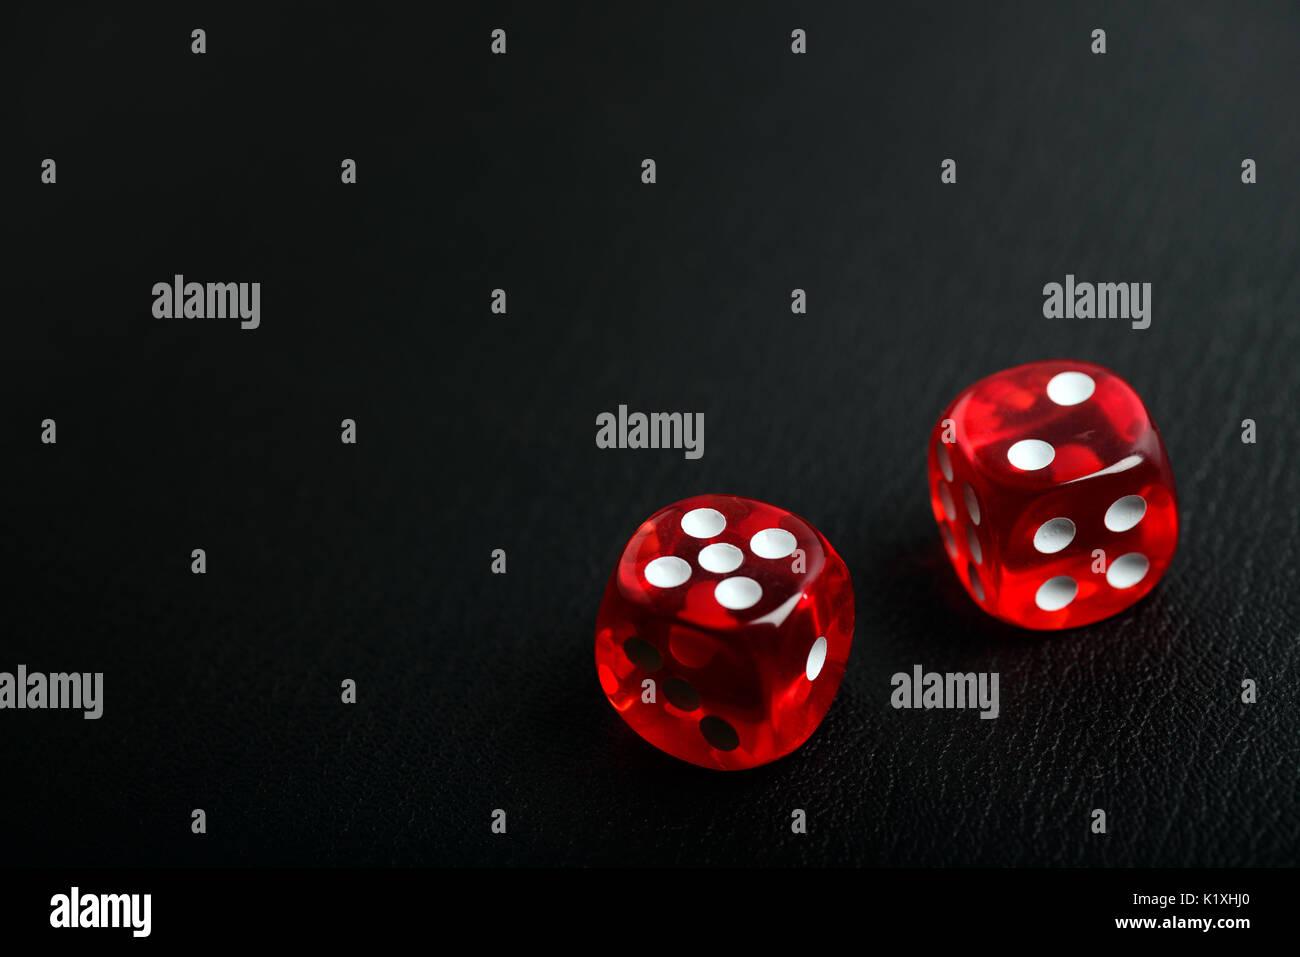 Zwei Red Casino Poker Dice zählen sieben auf einem bleack Leder Hintergrund mit Kopie spce für Ihren Text Stockbild